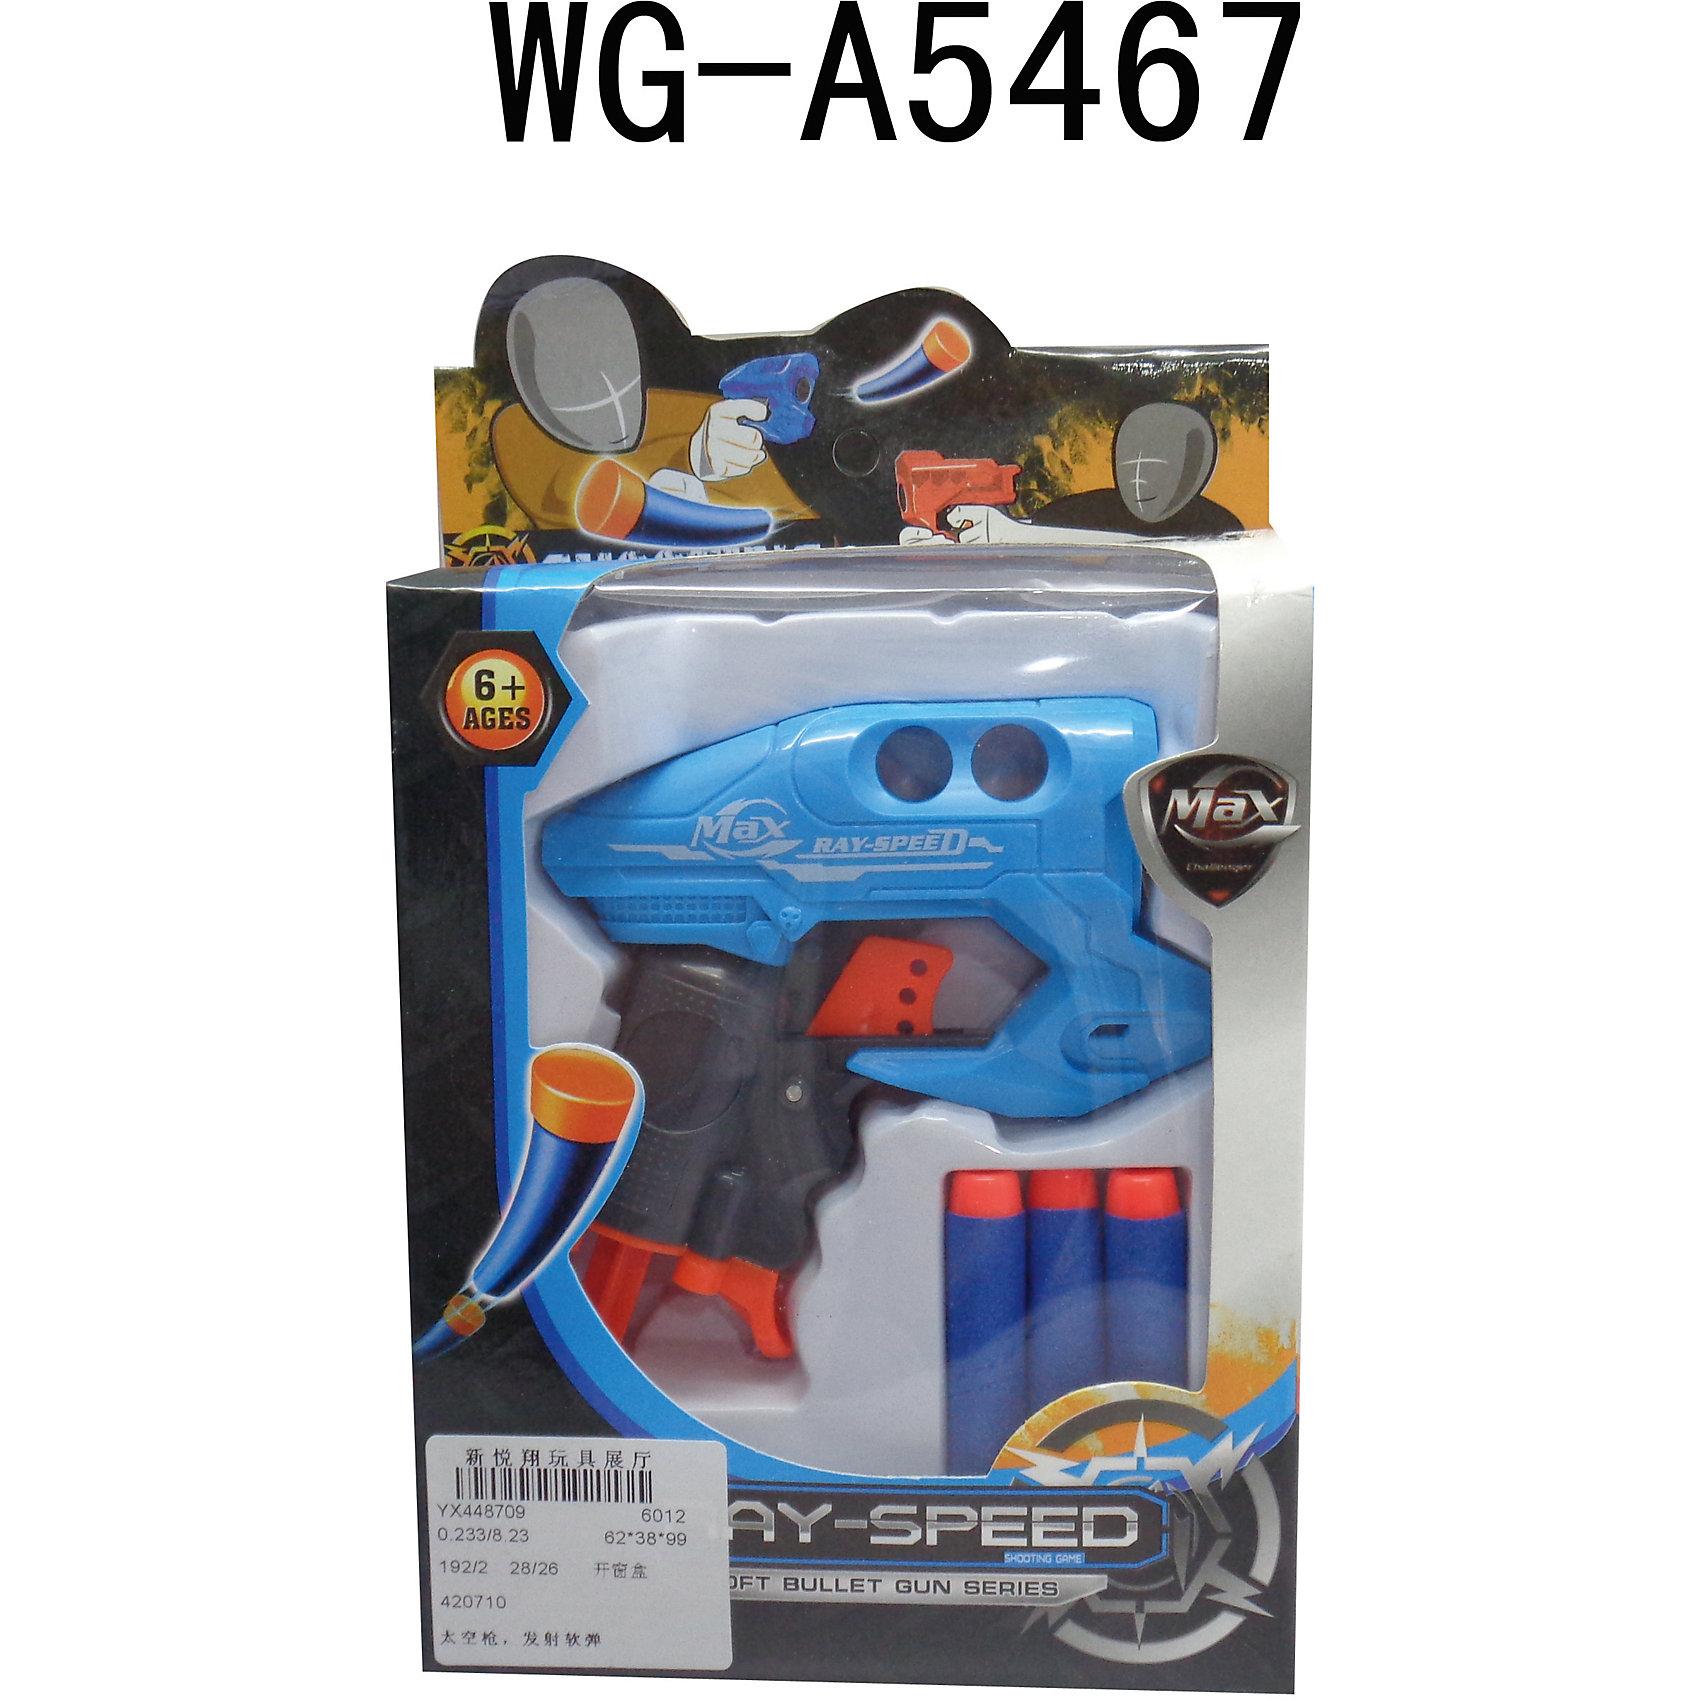 Бластер с мягкими 3-мя снарядами, JunfaБластеры, пистолеты и прочее<br>Бластер с мягкими 3-мя снарядами, Junfa (Джунфа)<br><br>Характеристики:<br><br>• безопасен для детей<br>• в комплекте: бластер, 3 снаряда<br>• размер упаковки: 15х4х23 см<br>• вес: 135 грамм<br><br>Бластер - любимое оружие многих мальчишек. Он точно стреляет в цель, не  оставляя противнику шансов на победу. В комплект Junfa входят три снаряда и крутой бластер, выполненный в голубом и черном цветах. Снаряды мягкие, благодаря чему ребенок не травмируется даже при попадании с близкого расстояния. Игра с бластером поможет развить меткость и координацию движений.<br><br>Бластер с мягкими 3-мя снарядами, Junfa (Джунфа) вы можете купить в нашем интернет-магазине.<br><br>Ширина мм: 150<br>Глубина мм: 230<br>Высота мм: 40<br>Вес г: 135<br>Возраст от месяцев: 36<br>Возраст до месяцев: 2147483647<br>Пол: Мужской<br>Возраст: Детский<br>SKU: 5571408